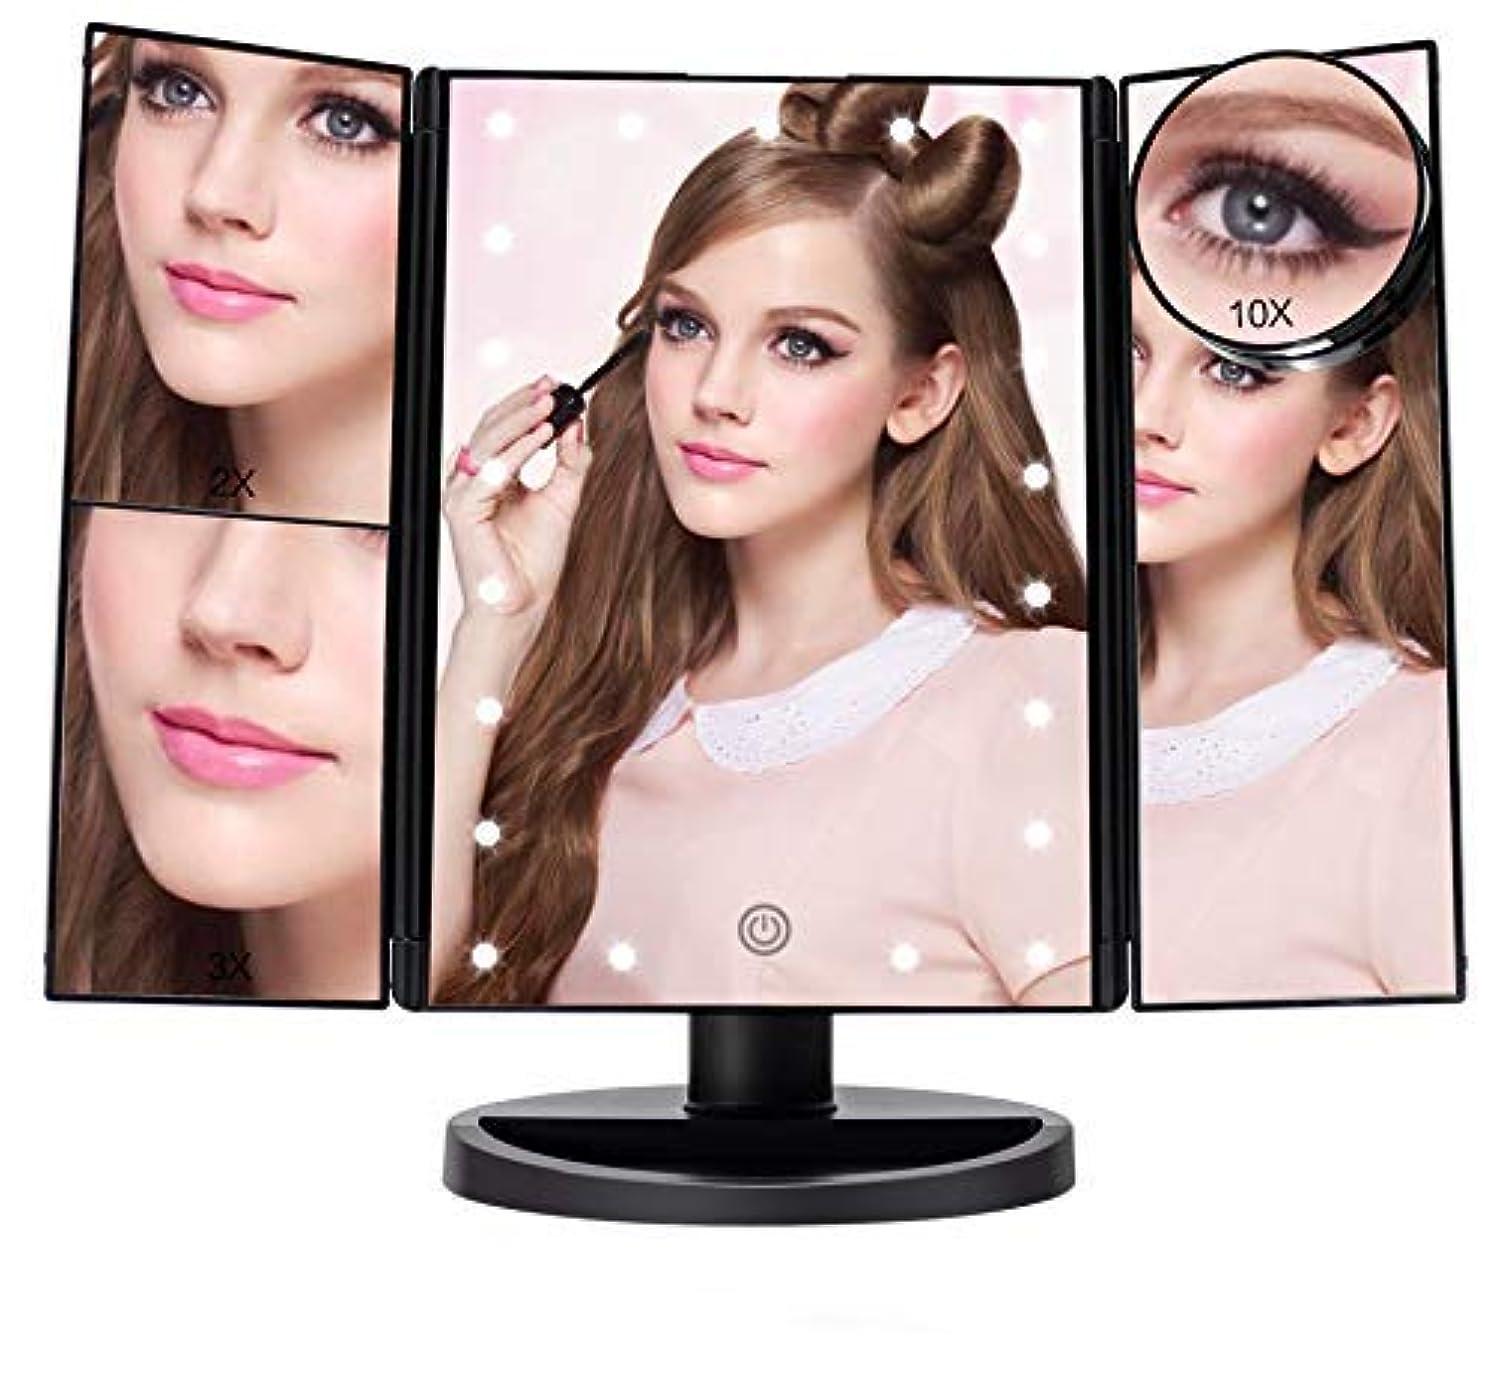 閉じるコカイン懲らしめFASCINATE 化粧鏡 化粧ミラー 鏡 女優ミラー 拡大鏡 2&3&10倍 明るさ調節可能 USB電池給電 (ブラック)